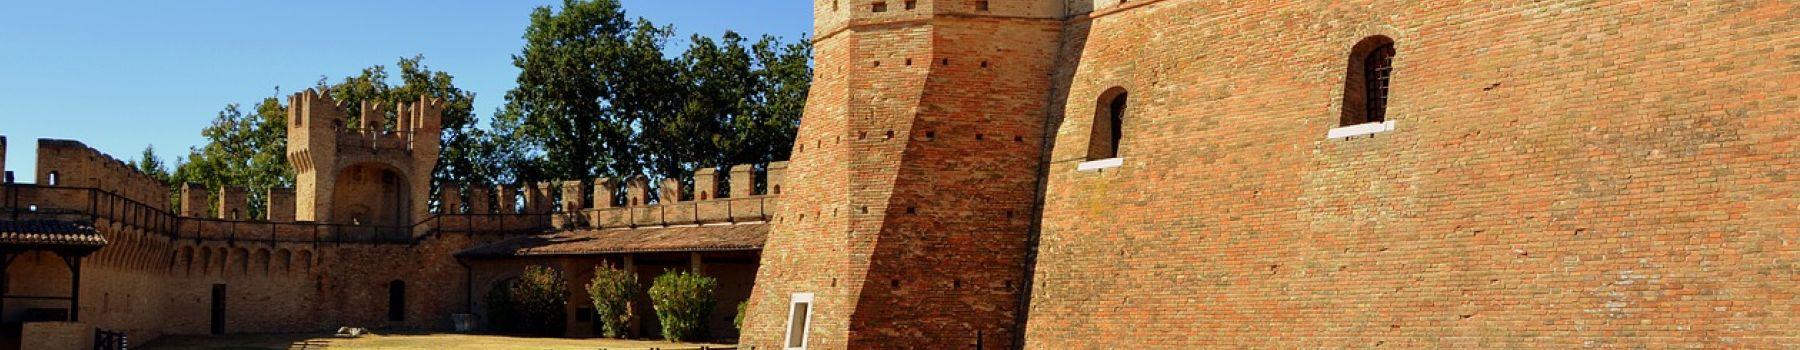 Bonelli Bus привезет вас в удивительный средневековый городок Градара